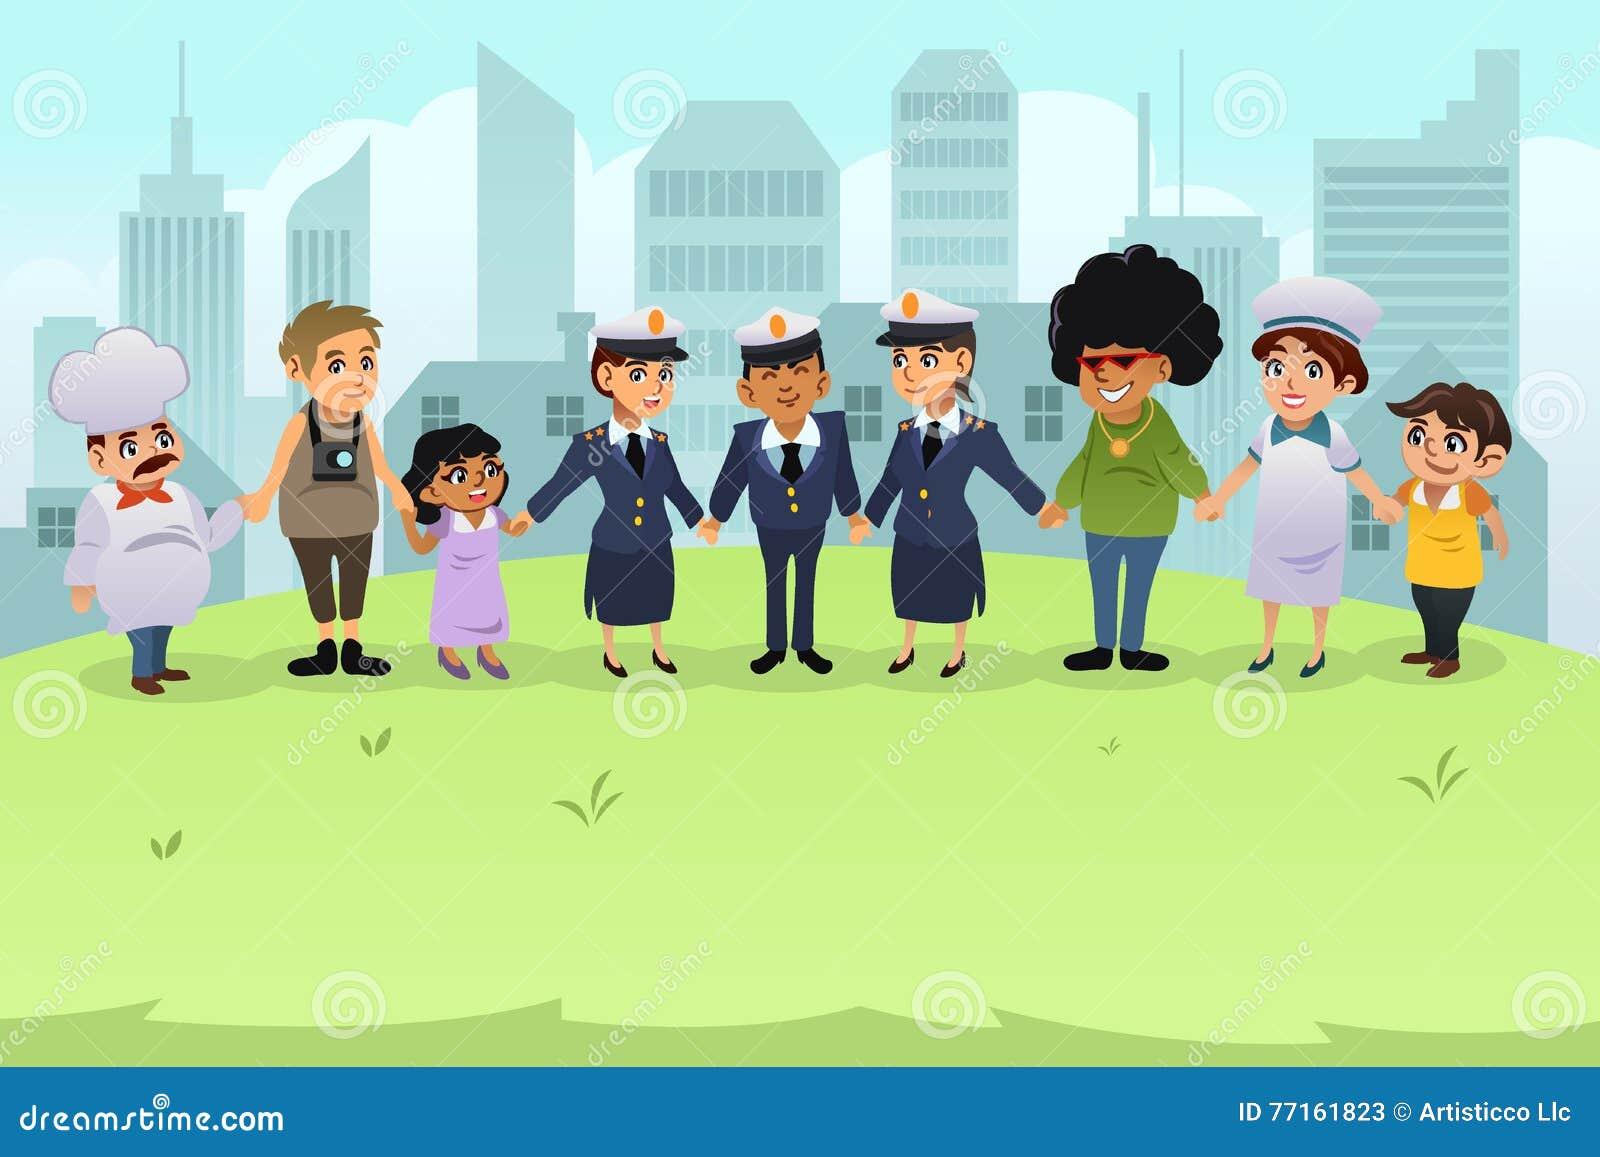 Police tenant des mains avec des citoyens